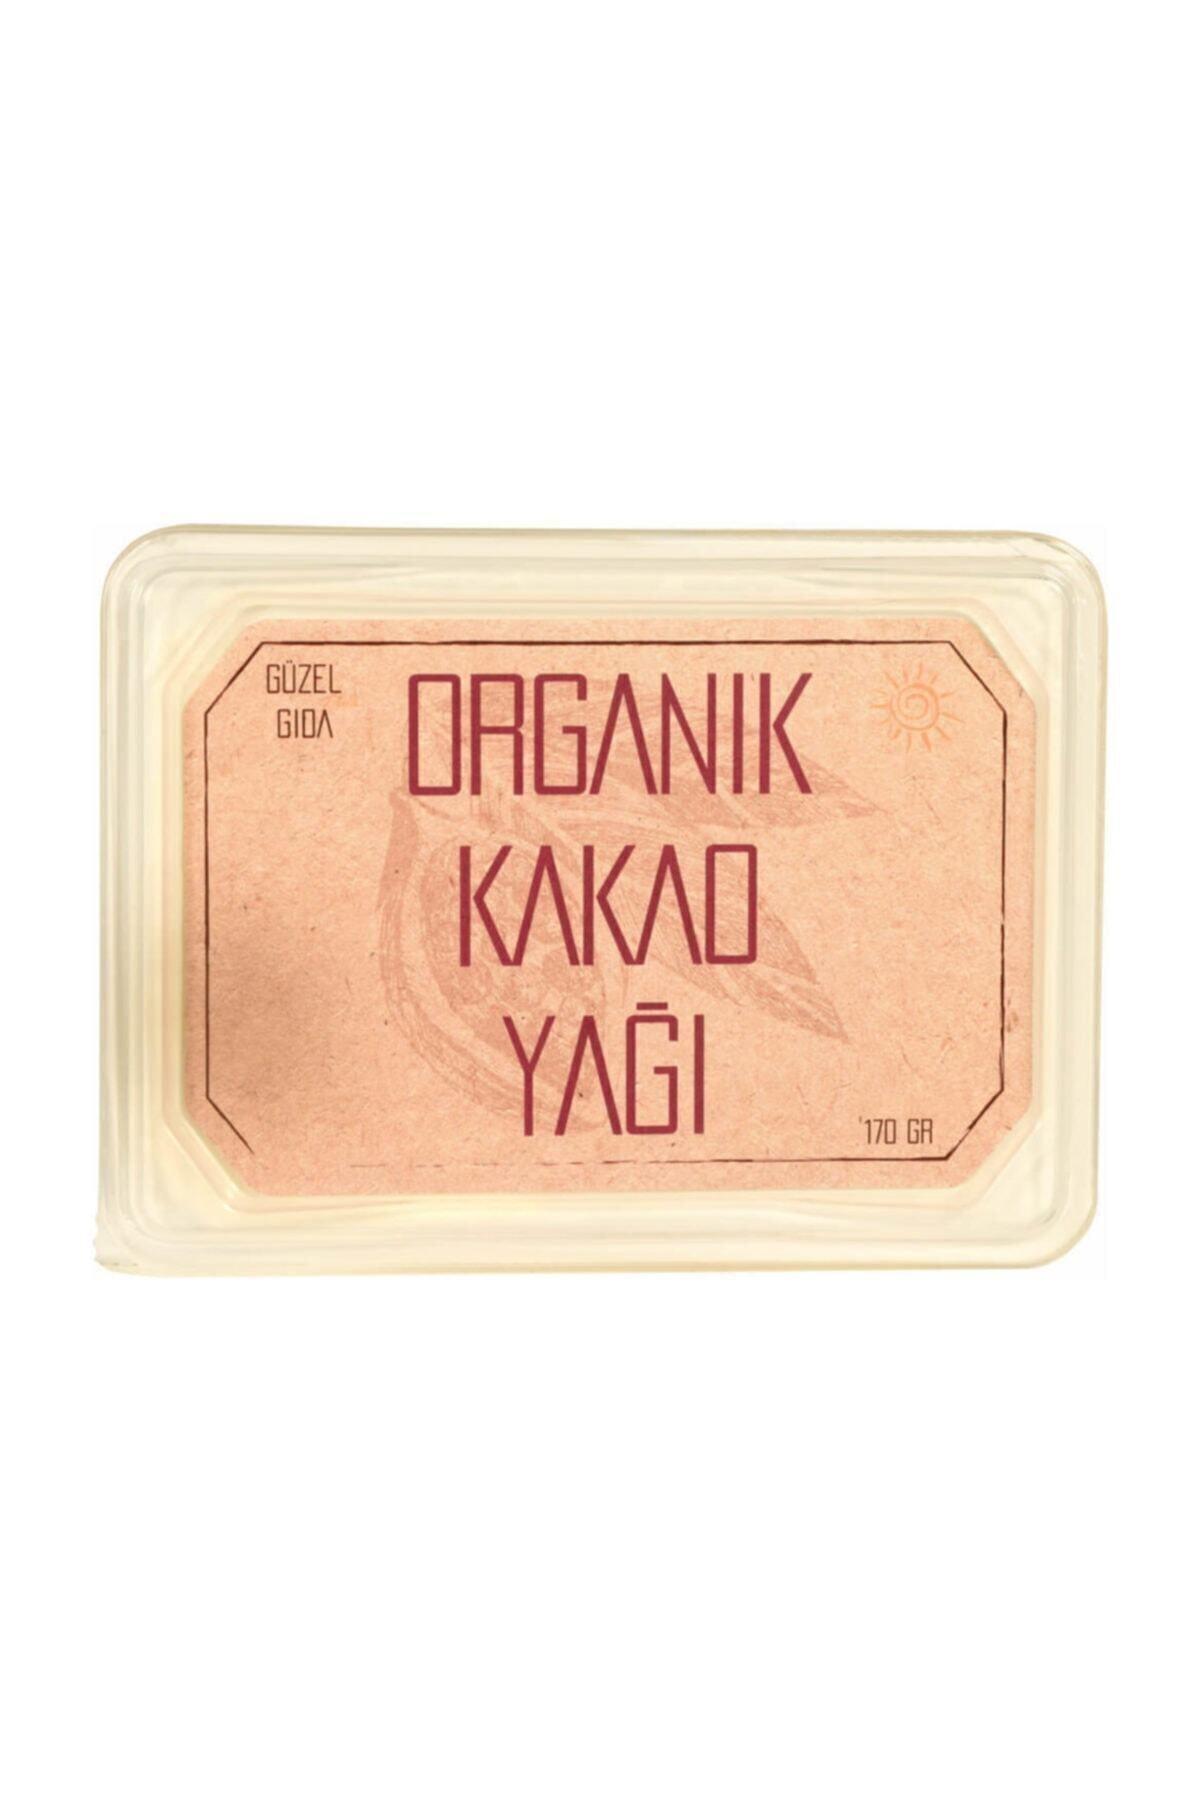 Güzel Gıda Organik Kakao Yağı 170 Gr 1